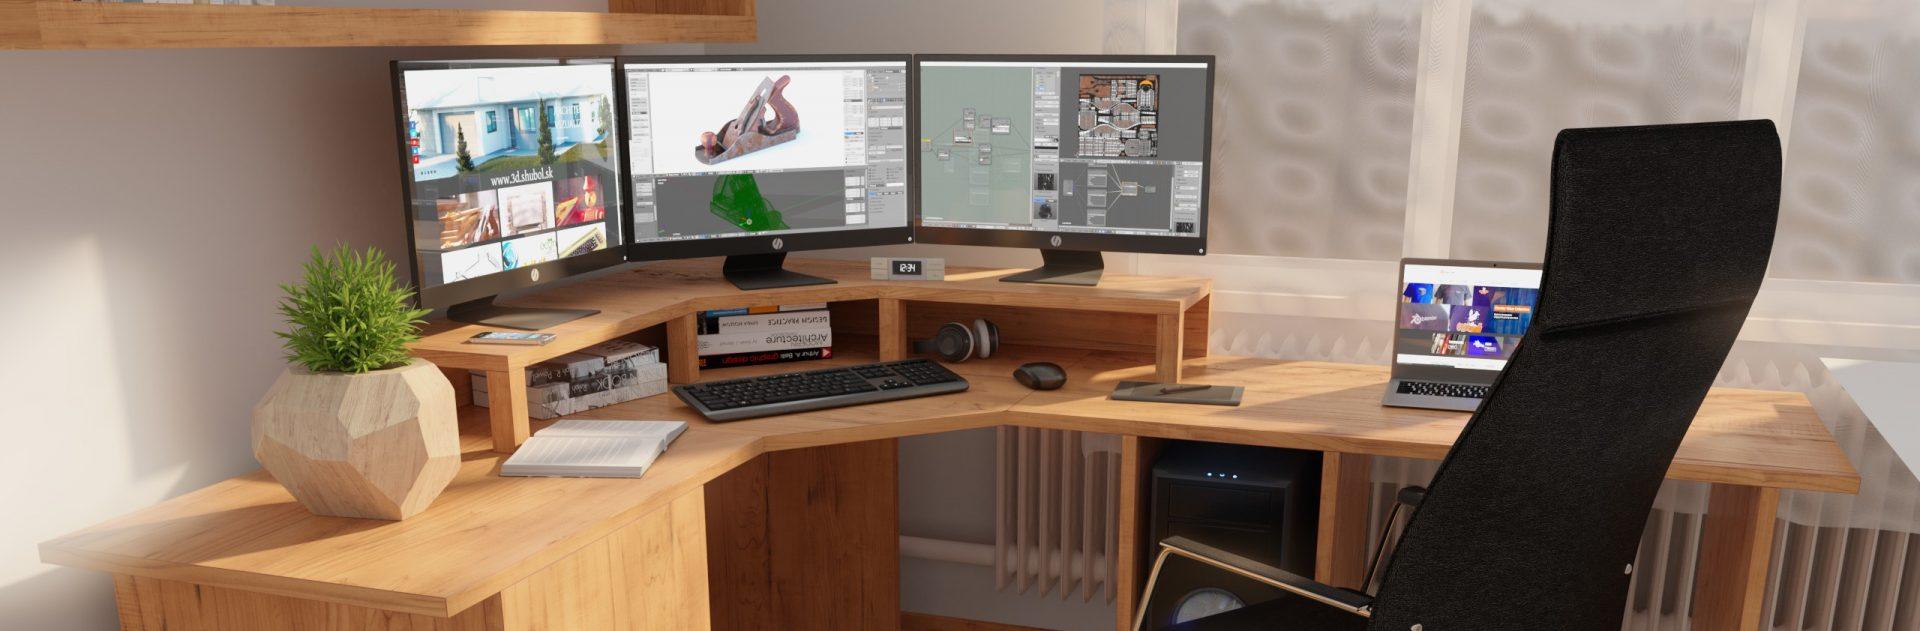 Shubol - 3D artist